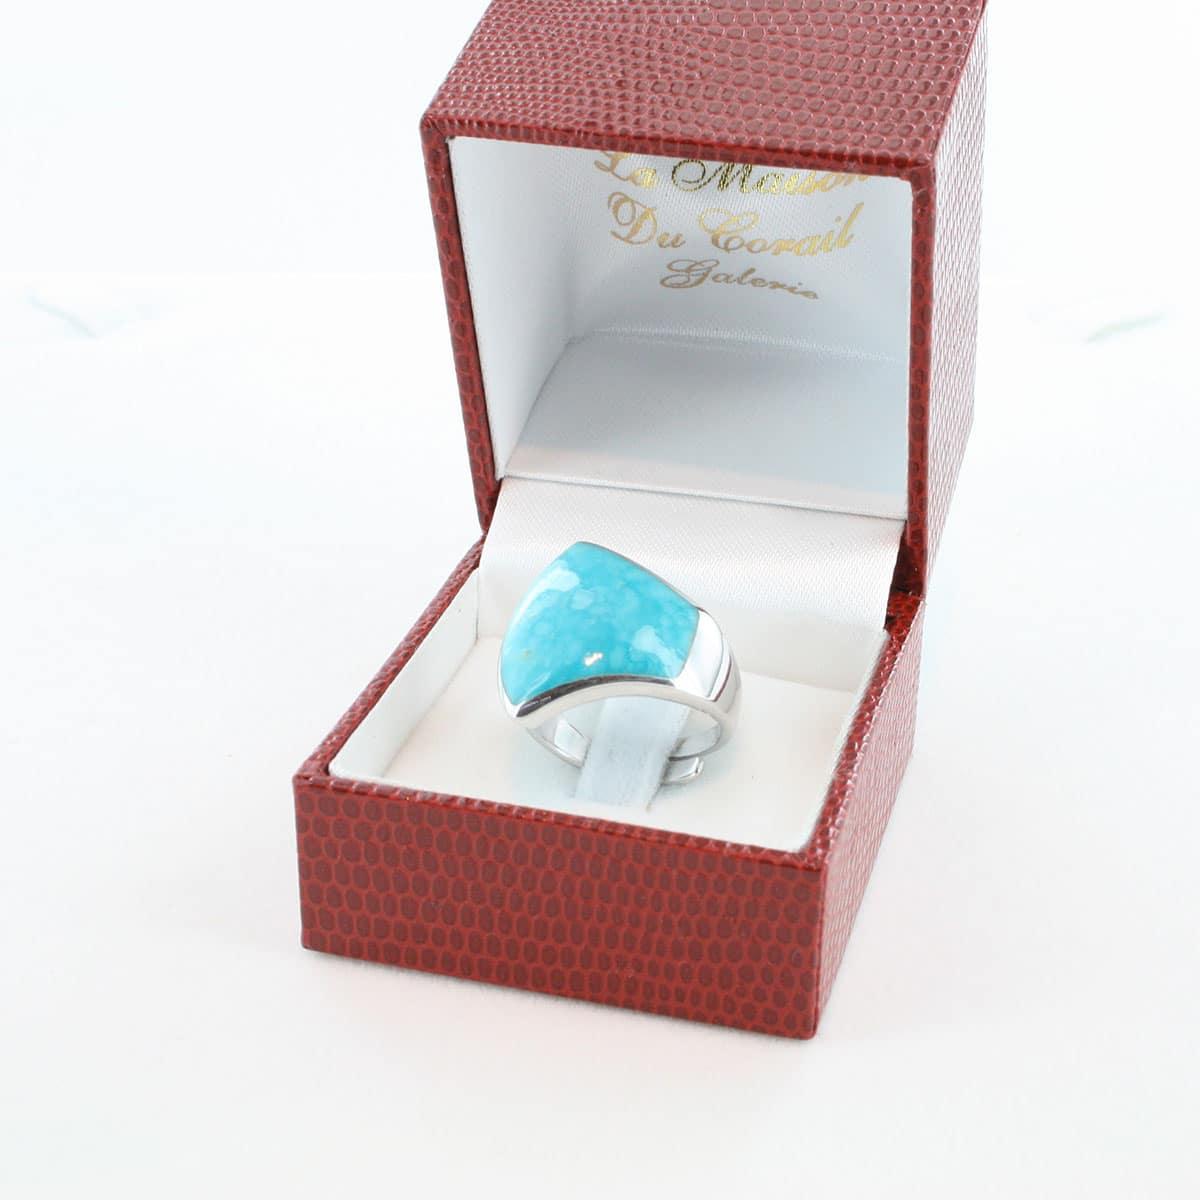 bague en turquoise véritable et argent 925 1000 BA-TU-AR-002